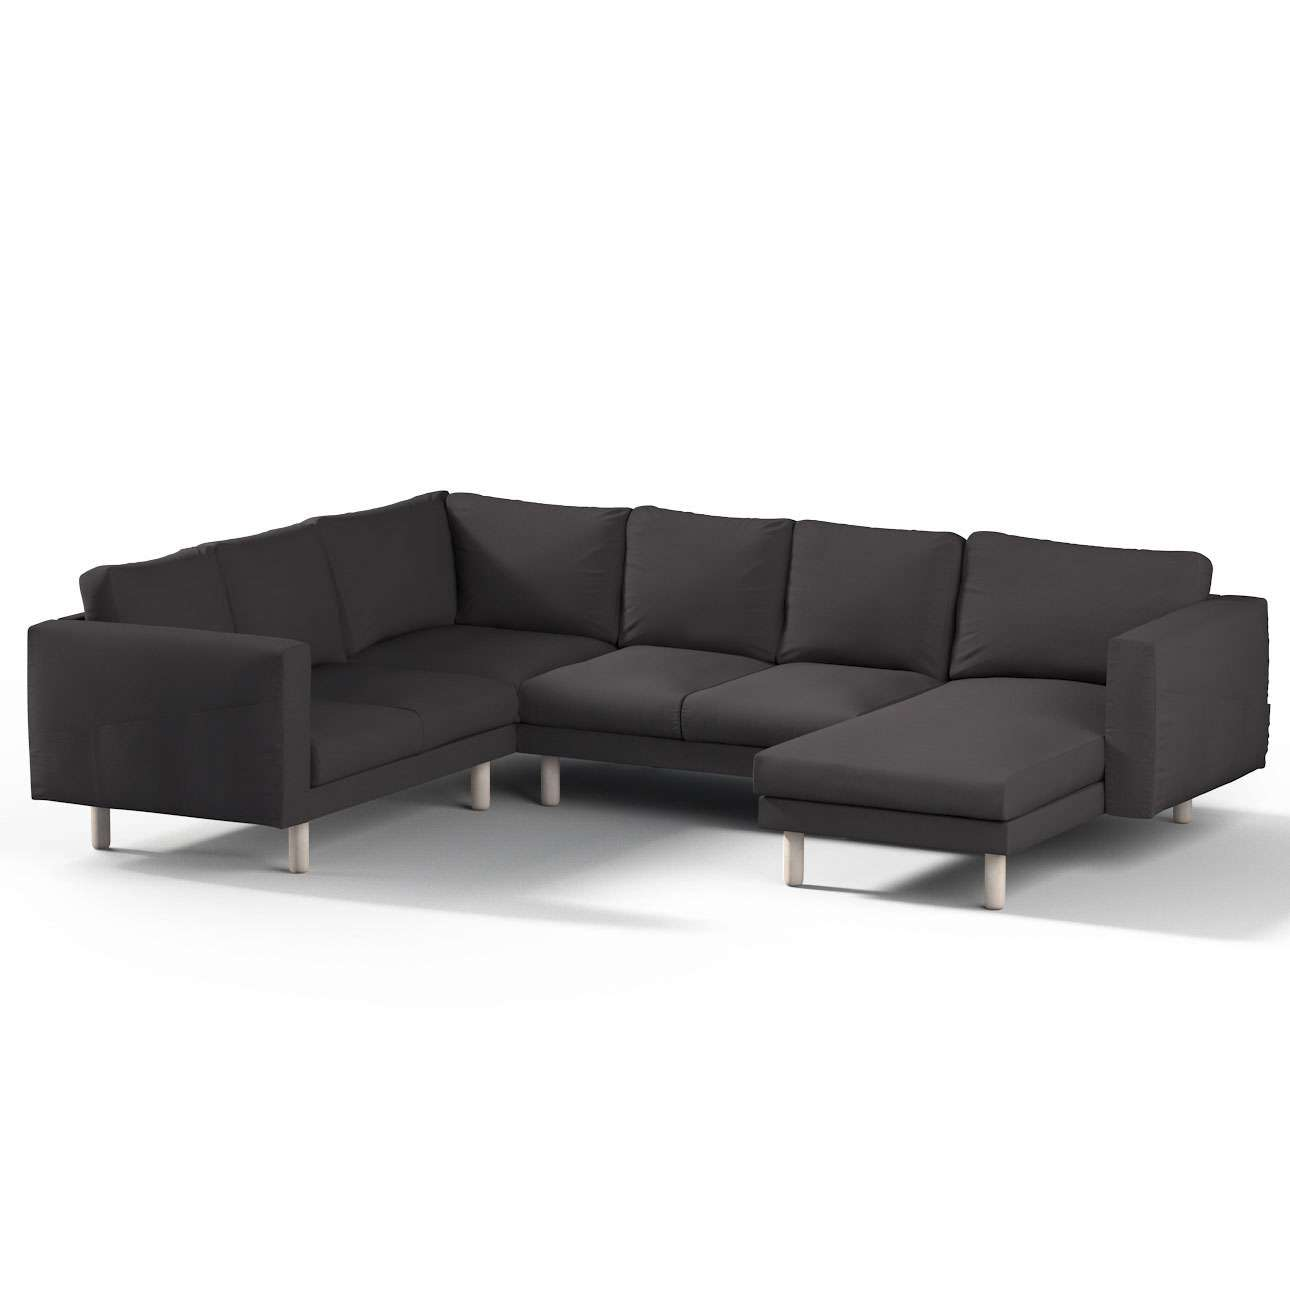 Pokrowiec na sofę narożną Norsborg 5-osobową z szezlongiem w kolekcji Cotton Panama, tkanina: 702-09